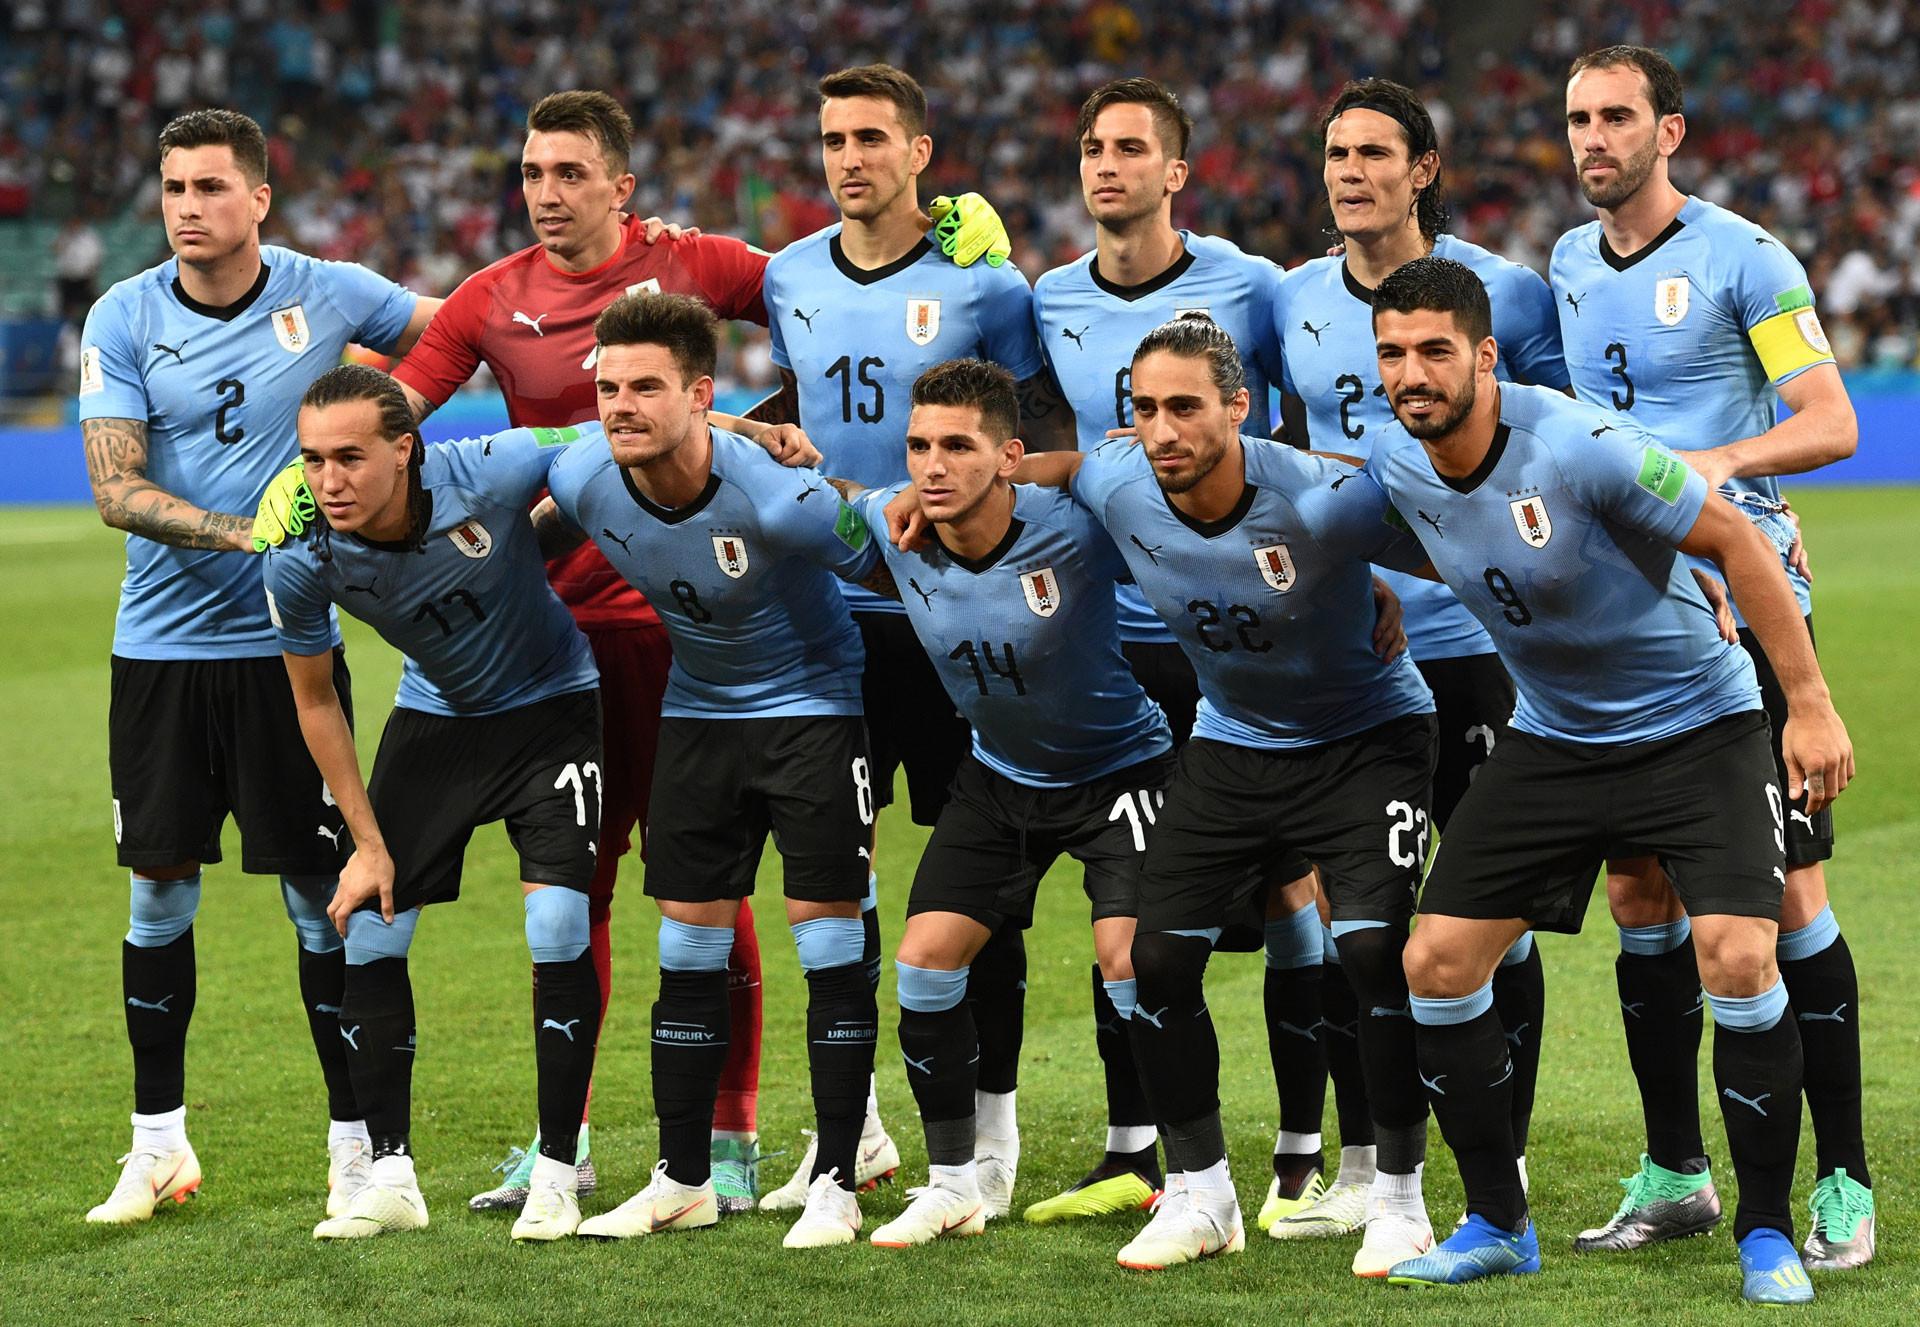 Игроки сборной Уругвая. Фото: © РИА Новости/Александр Кряжев